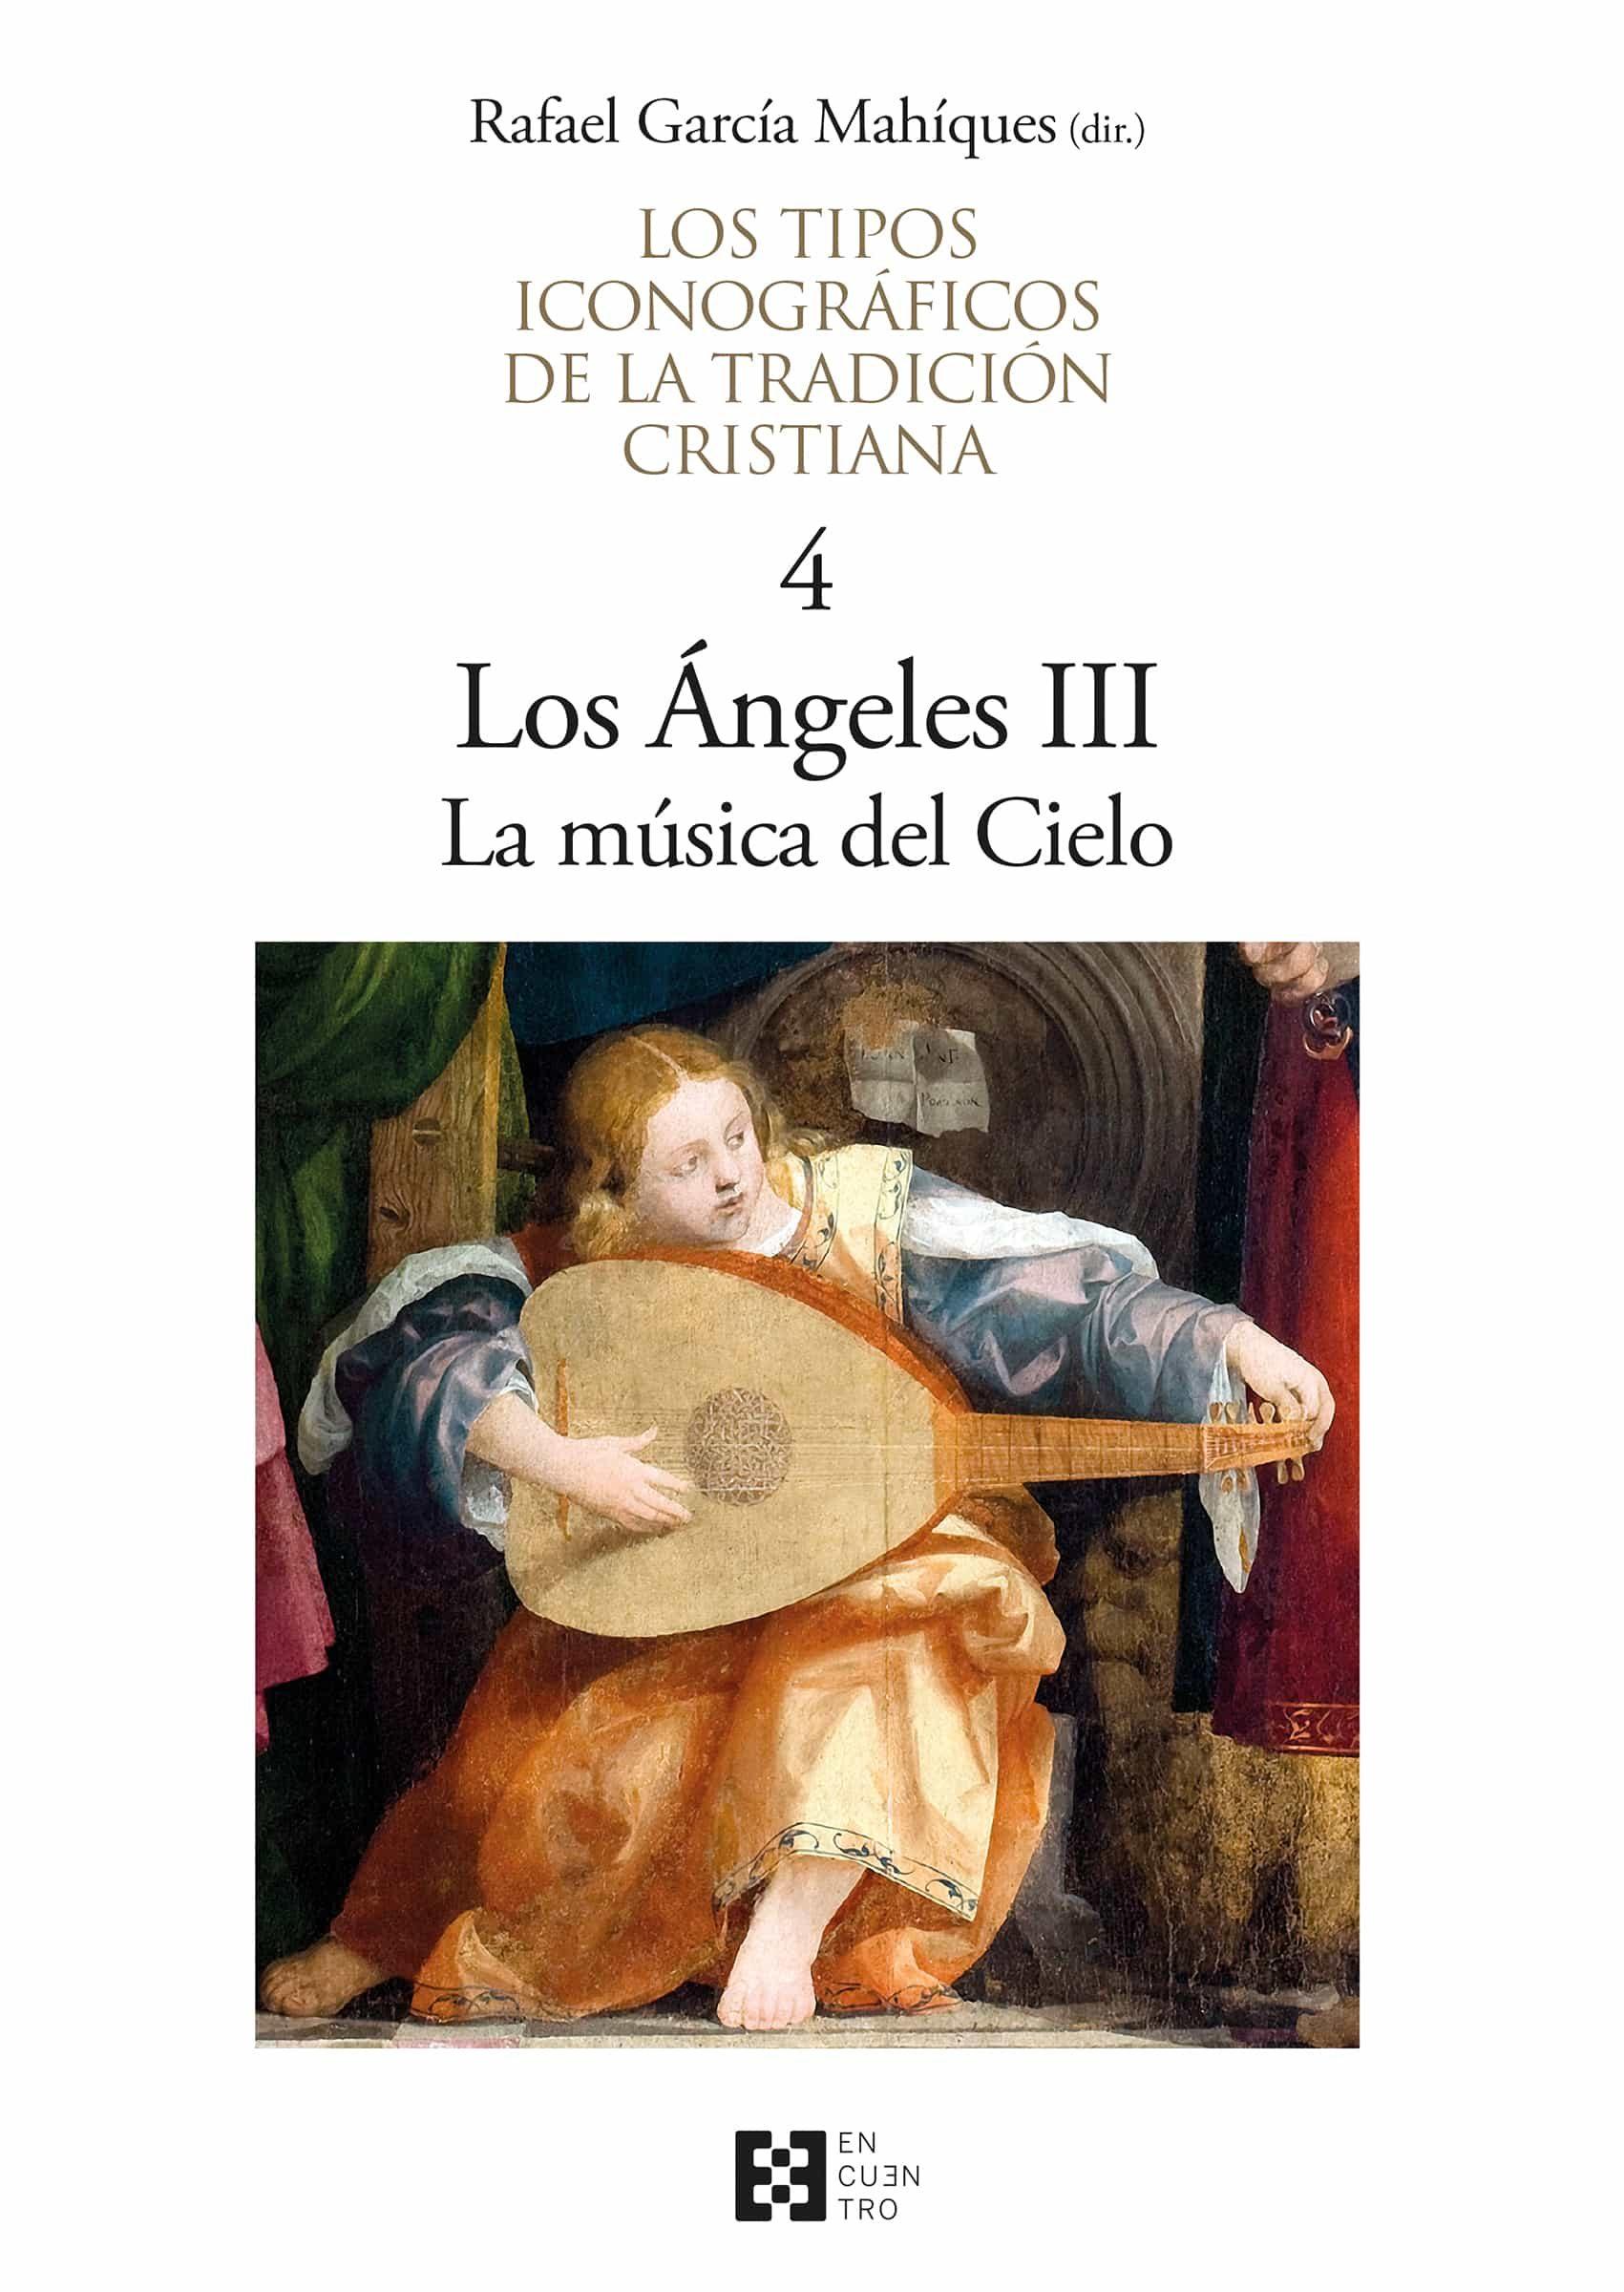 Los Tipos Iconograficos De La Tradicion Cristiana (vol. 1) por Iii. La Musica Del Cielo Titc04. Los Angeles